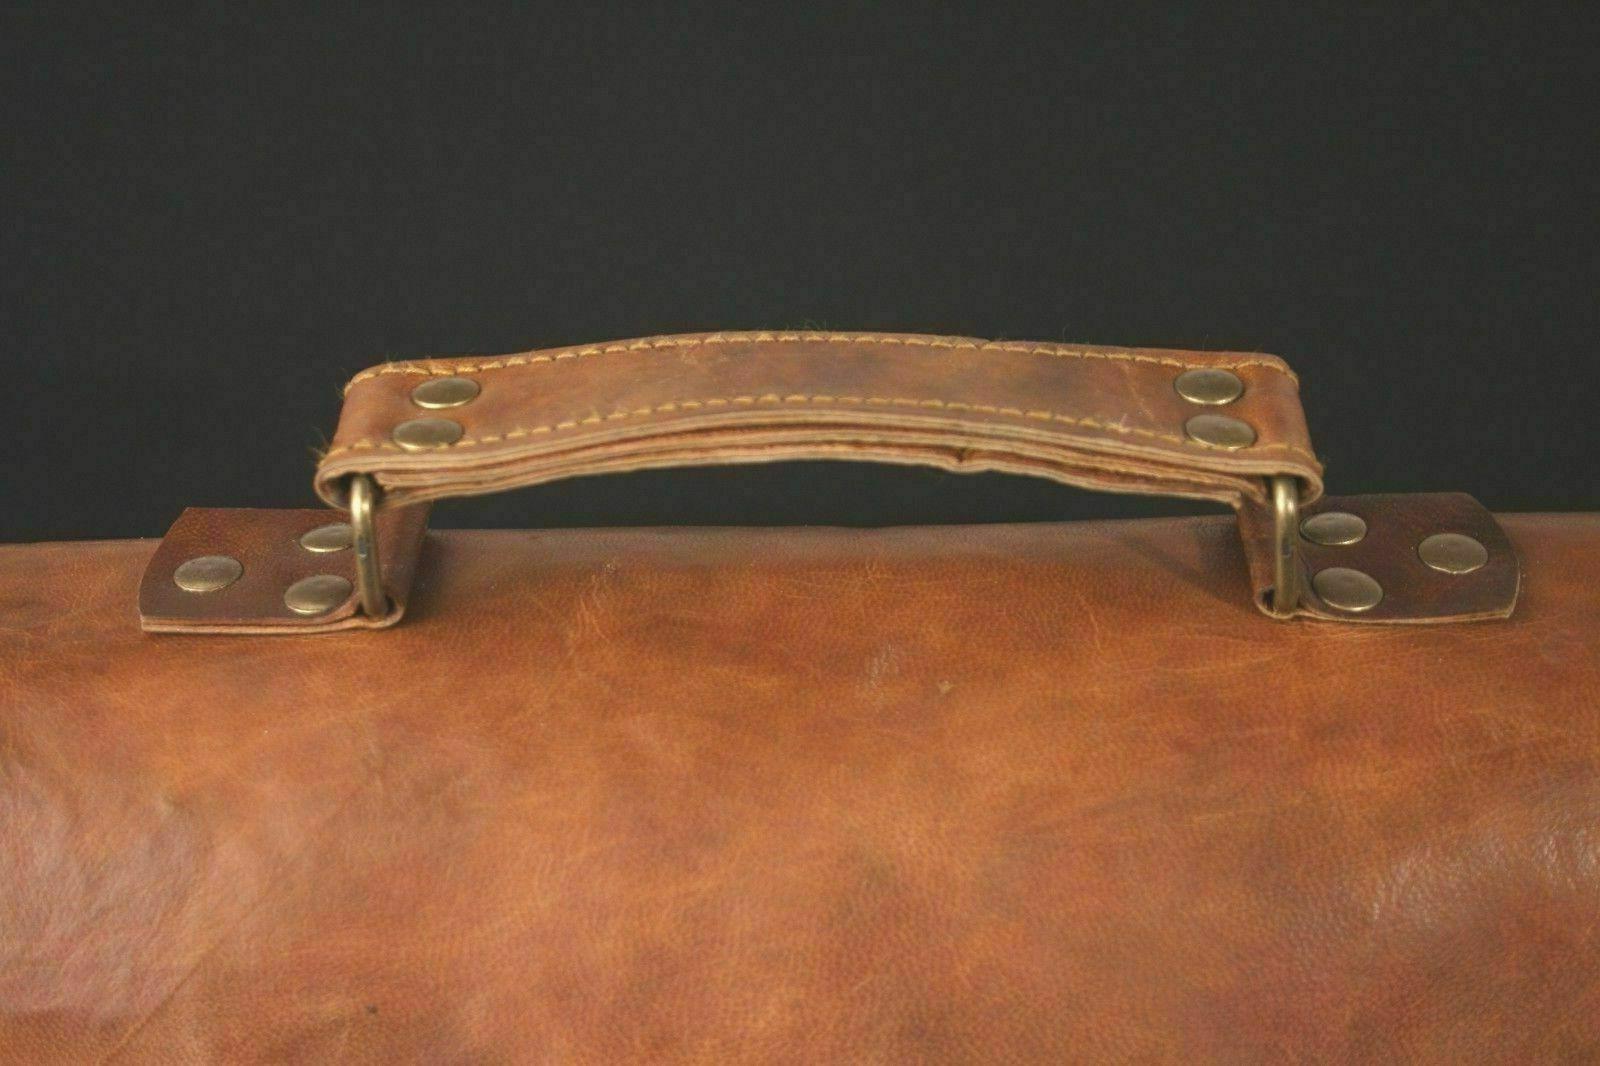 LAPTOP Bags Vintage Brown MESSENGER SHOULDER Briefcase